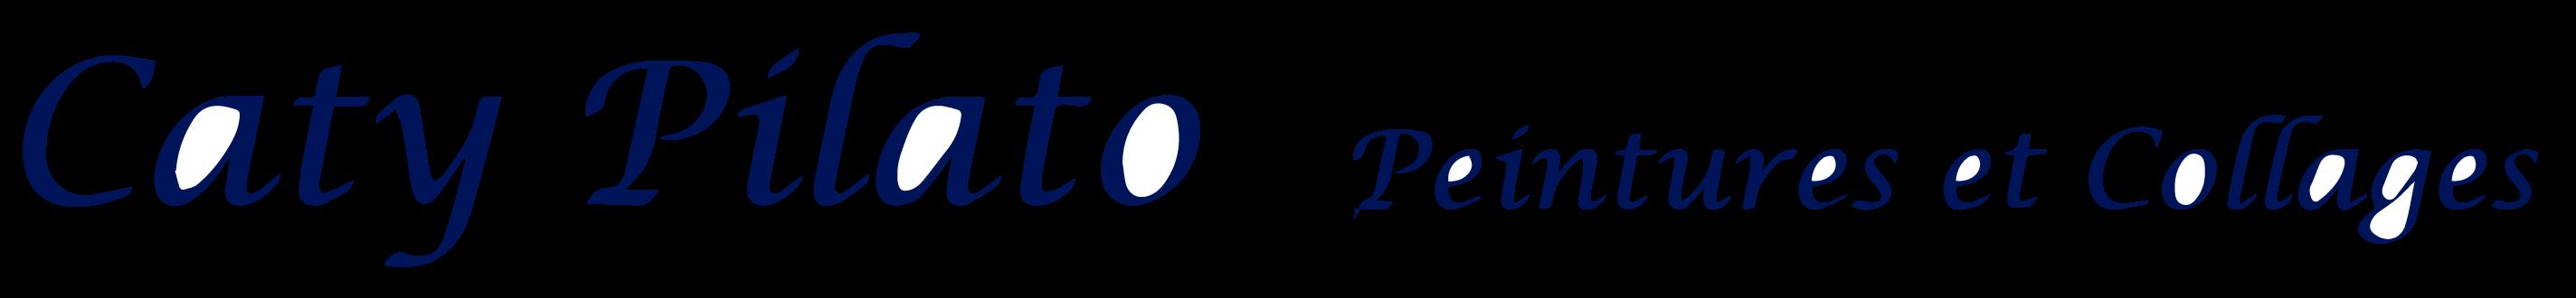 Caty Pilato